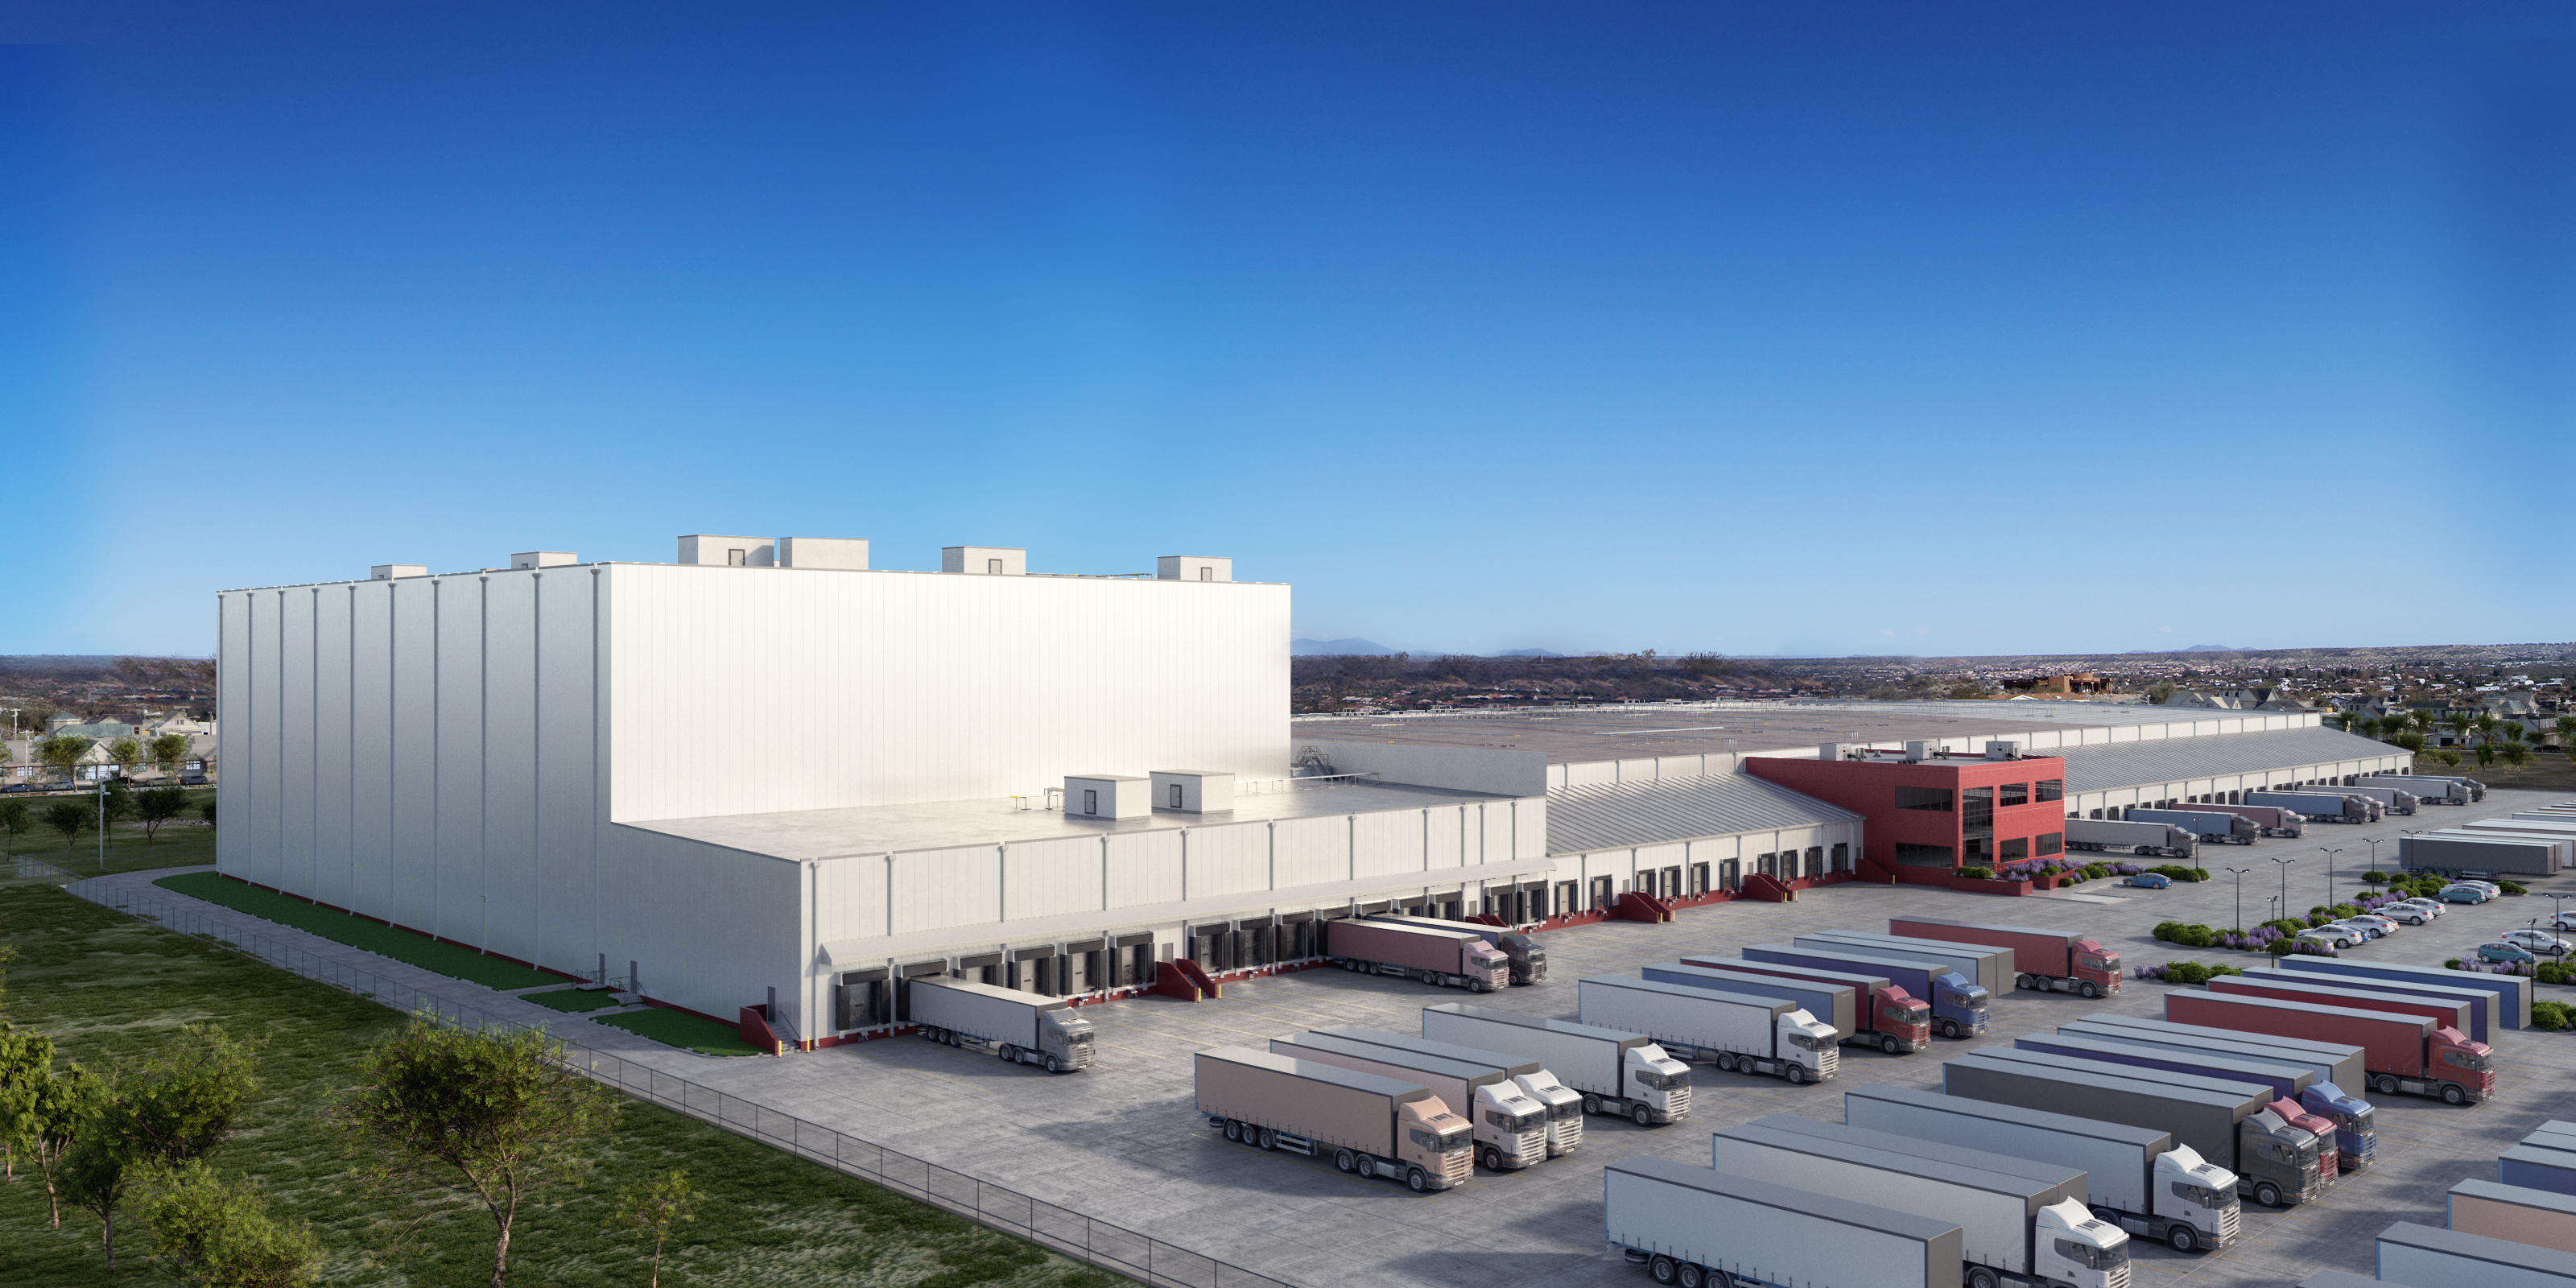 Lineage Logistics Entame Les Travaux Du0027expansion Du Site De Sunnyvale Pour  Devenir Lu0027une Des Installations Du0027entreposage Automatisé Et De Distribution  ...